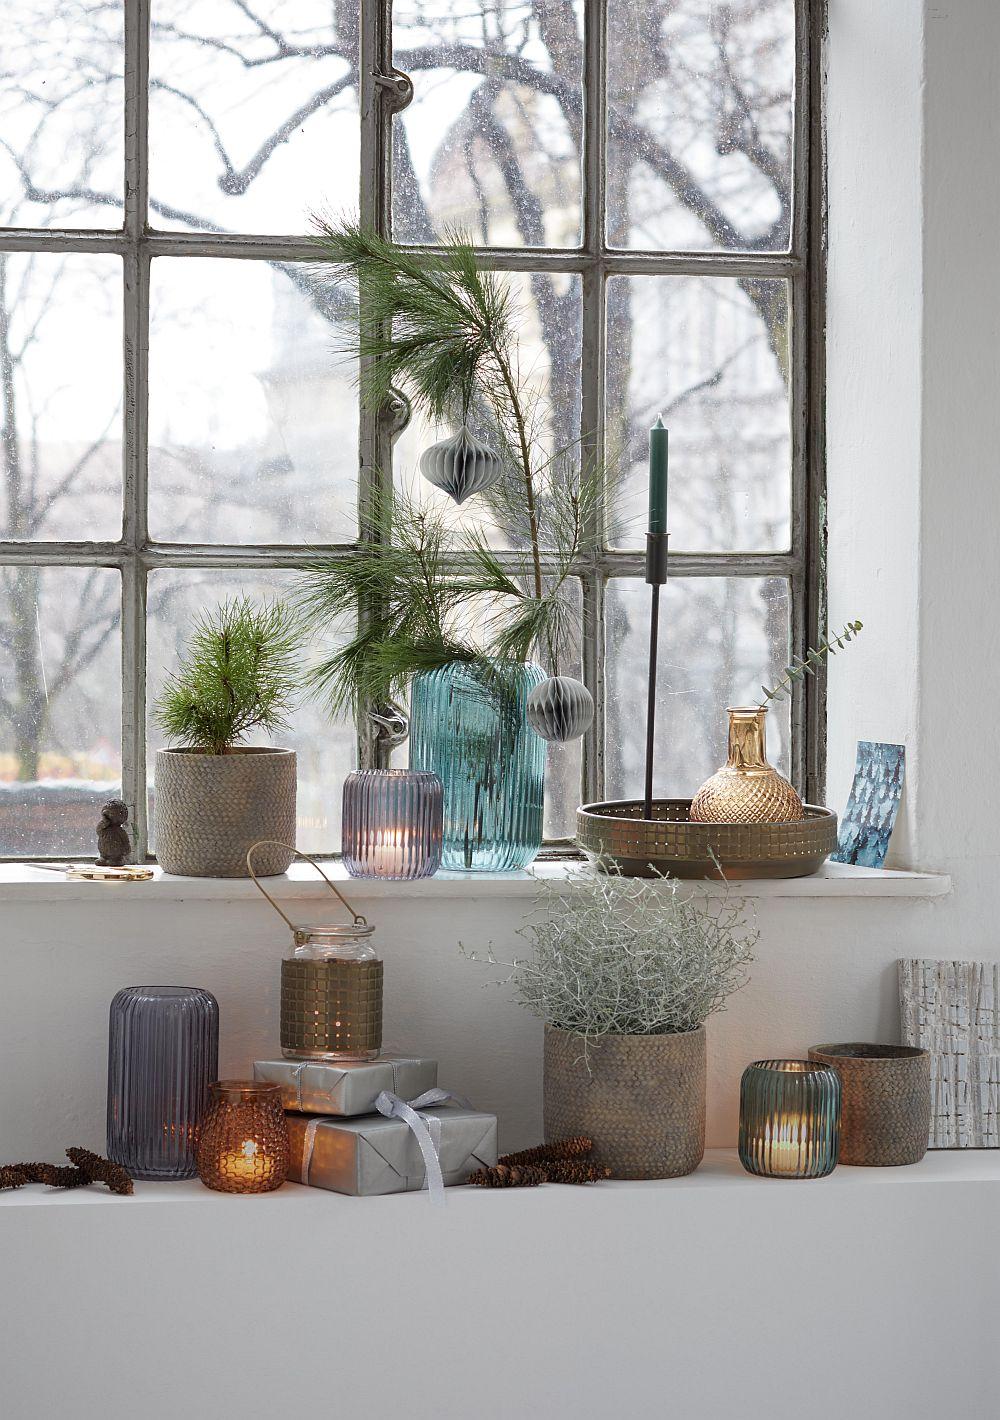 Obiecte de Crăciun din trendul Sobrietate echilibrată unde accentul este pus pe manualitate, pe transparență pe senzația de relaxare. Totuși pare ușor, aproape fragil, dar e ceva ce te lasă să respiri. Nu te agasează vizual.